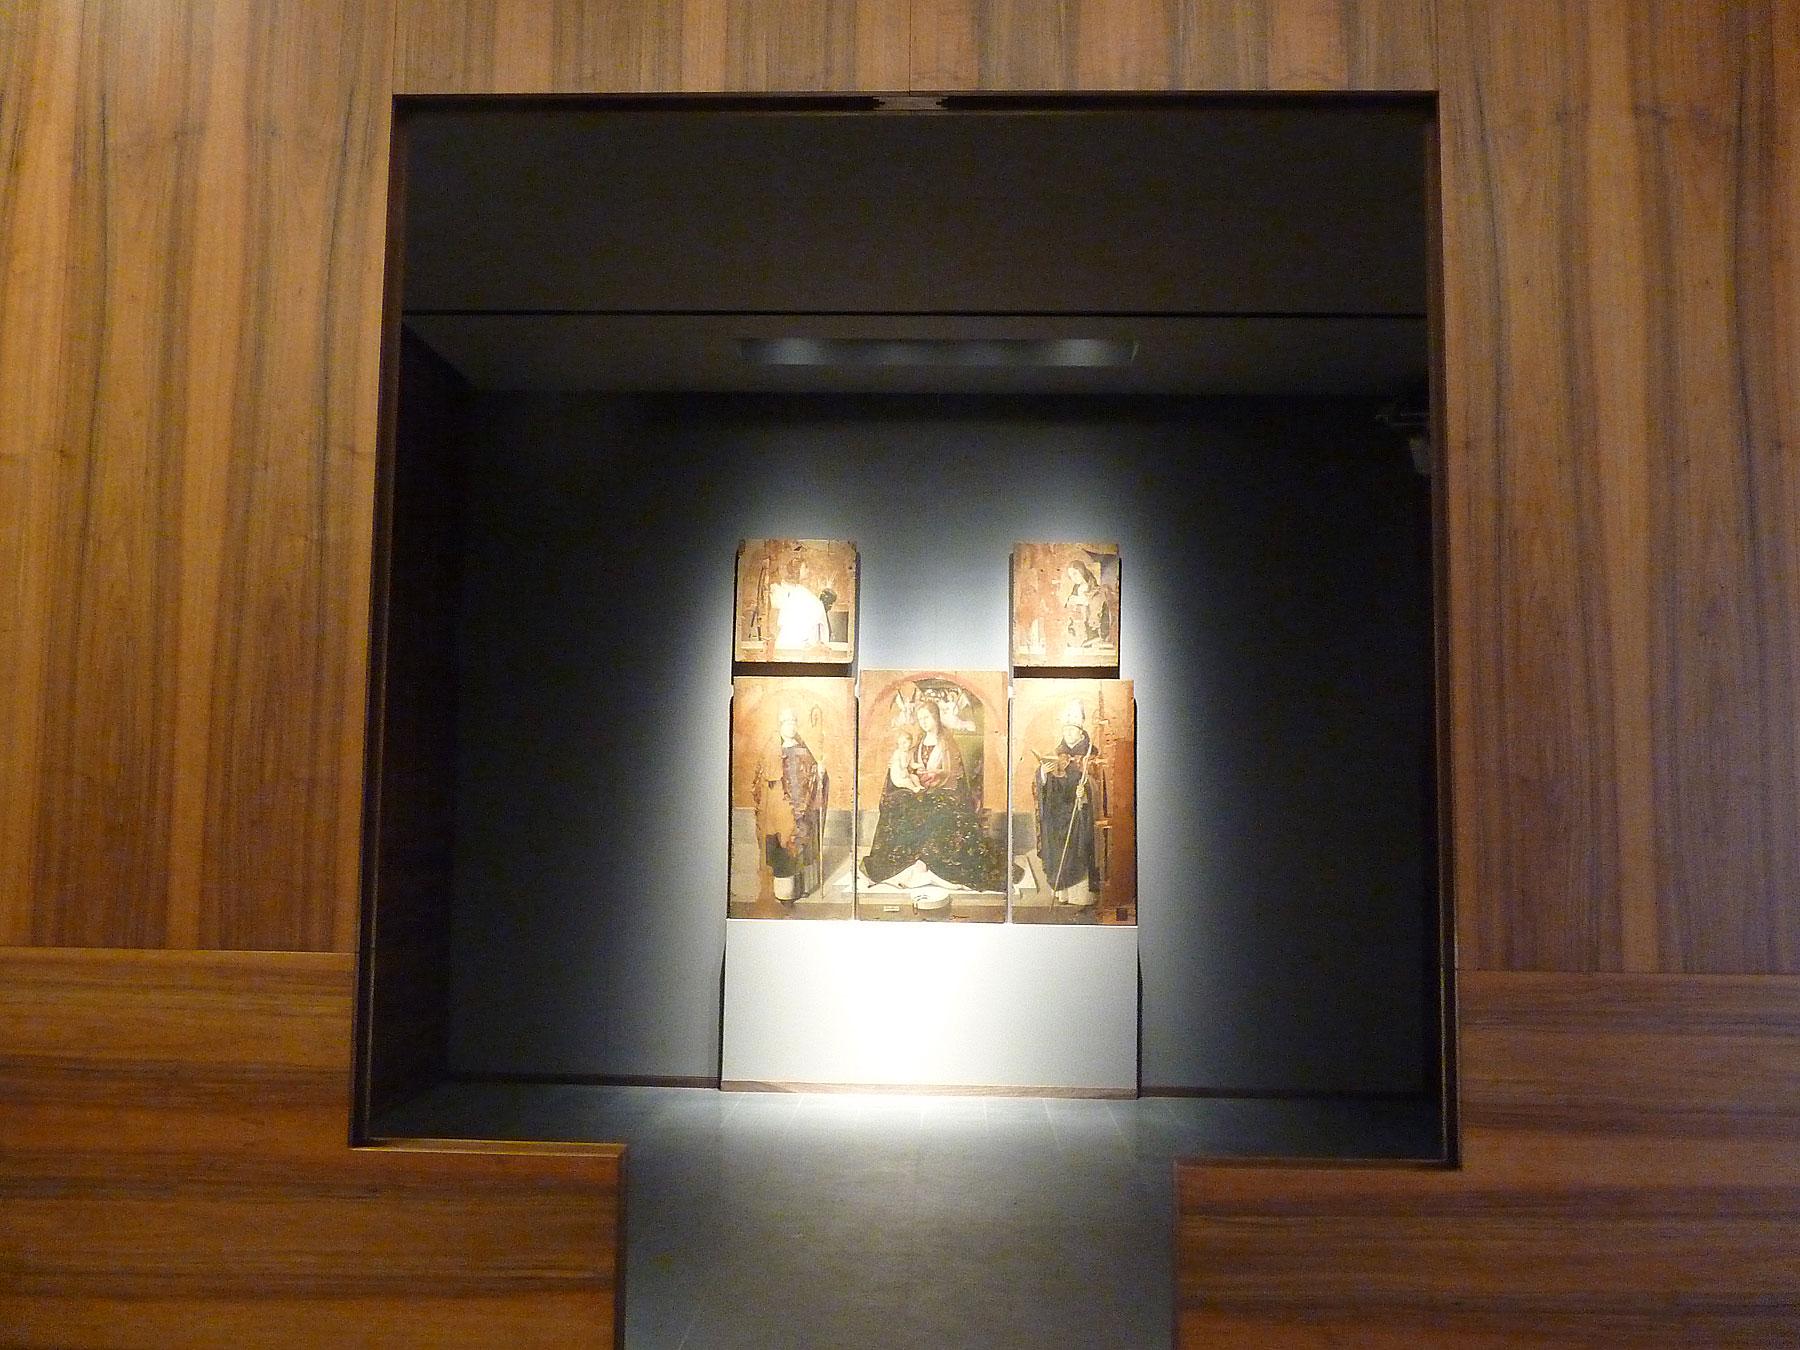 La Madonna del Rosario di Antonello da Messina